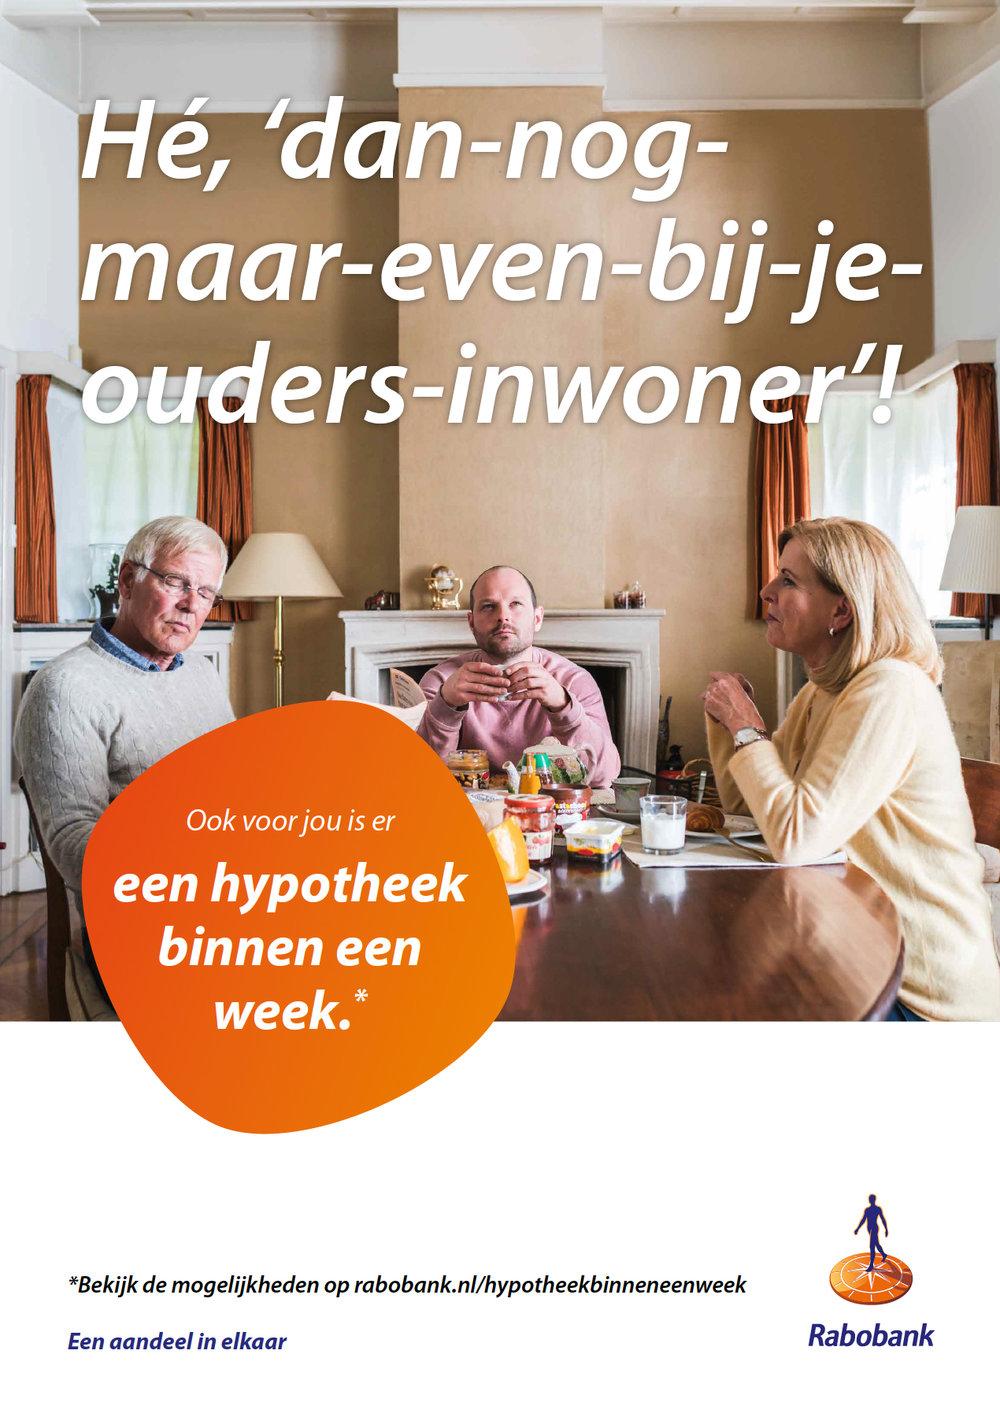 Rabobank_StijnHoekstra03.jpg